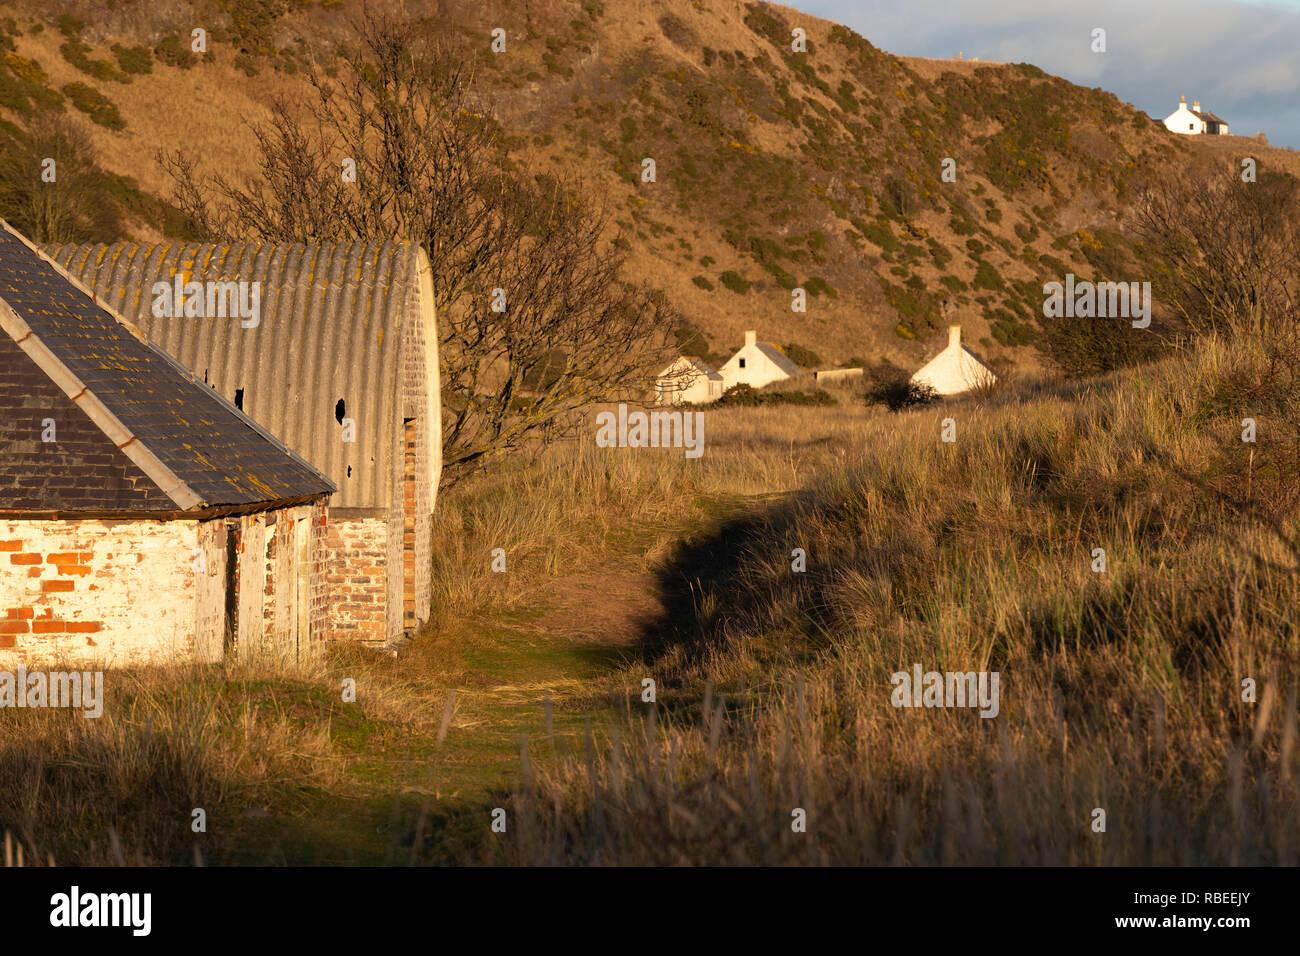 """De Pêche abandonnés Bothies"""" derrière les dunes de la réserve naturelle nationale de St Cyrus dans l'Aberdeenshire. Photo Stock"""